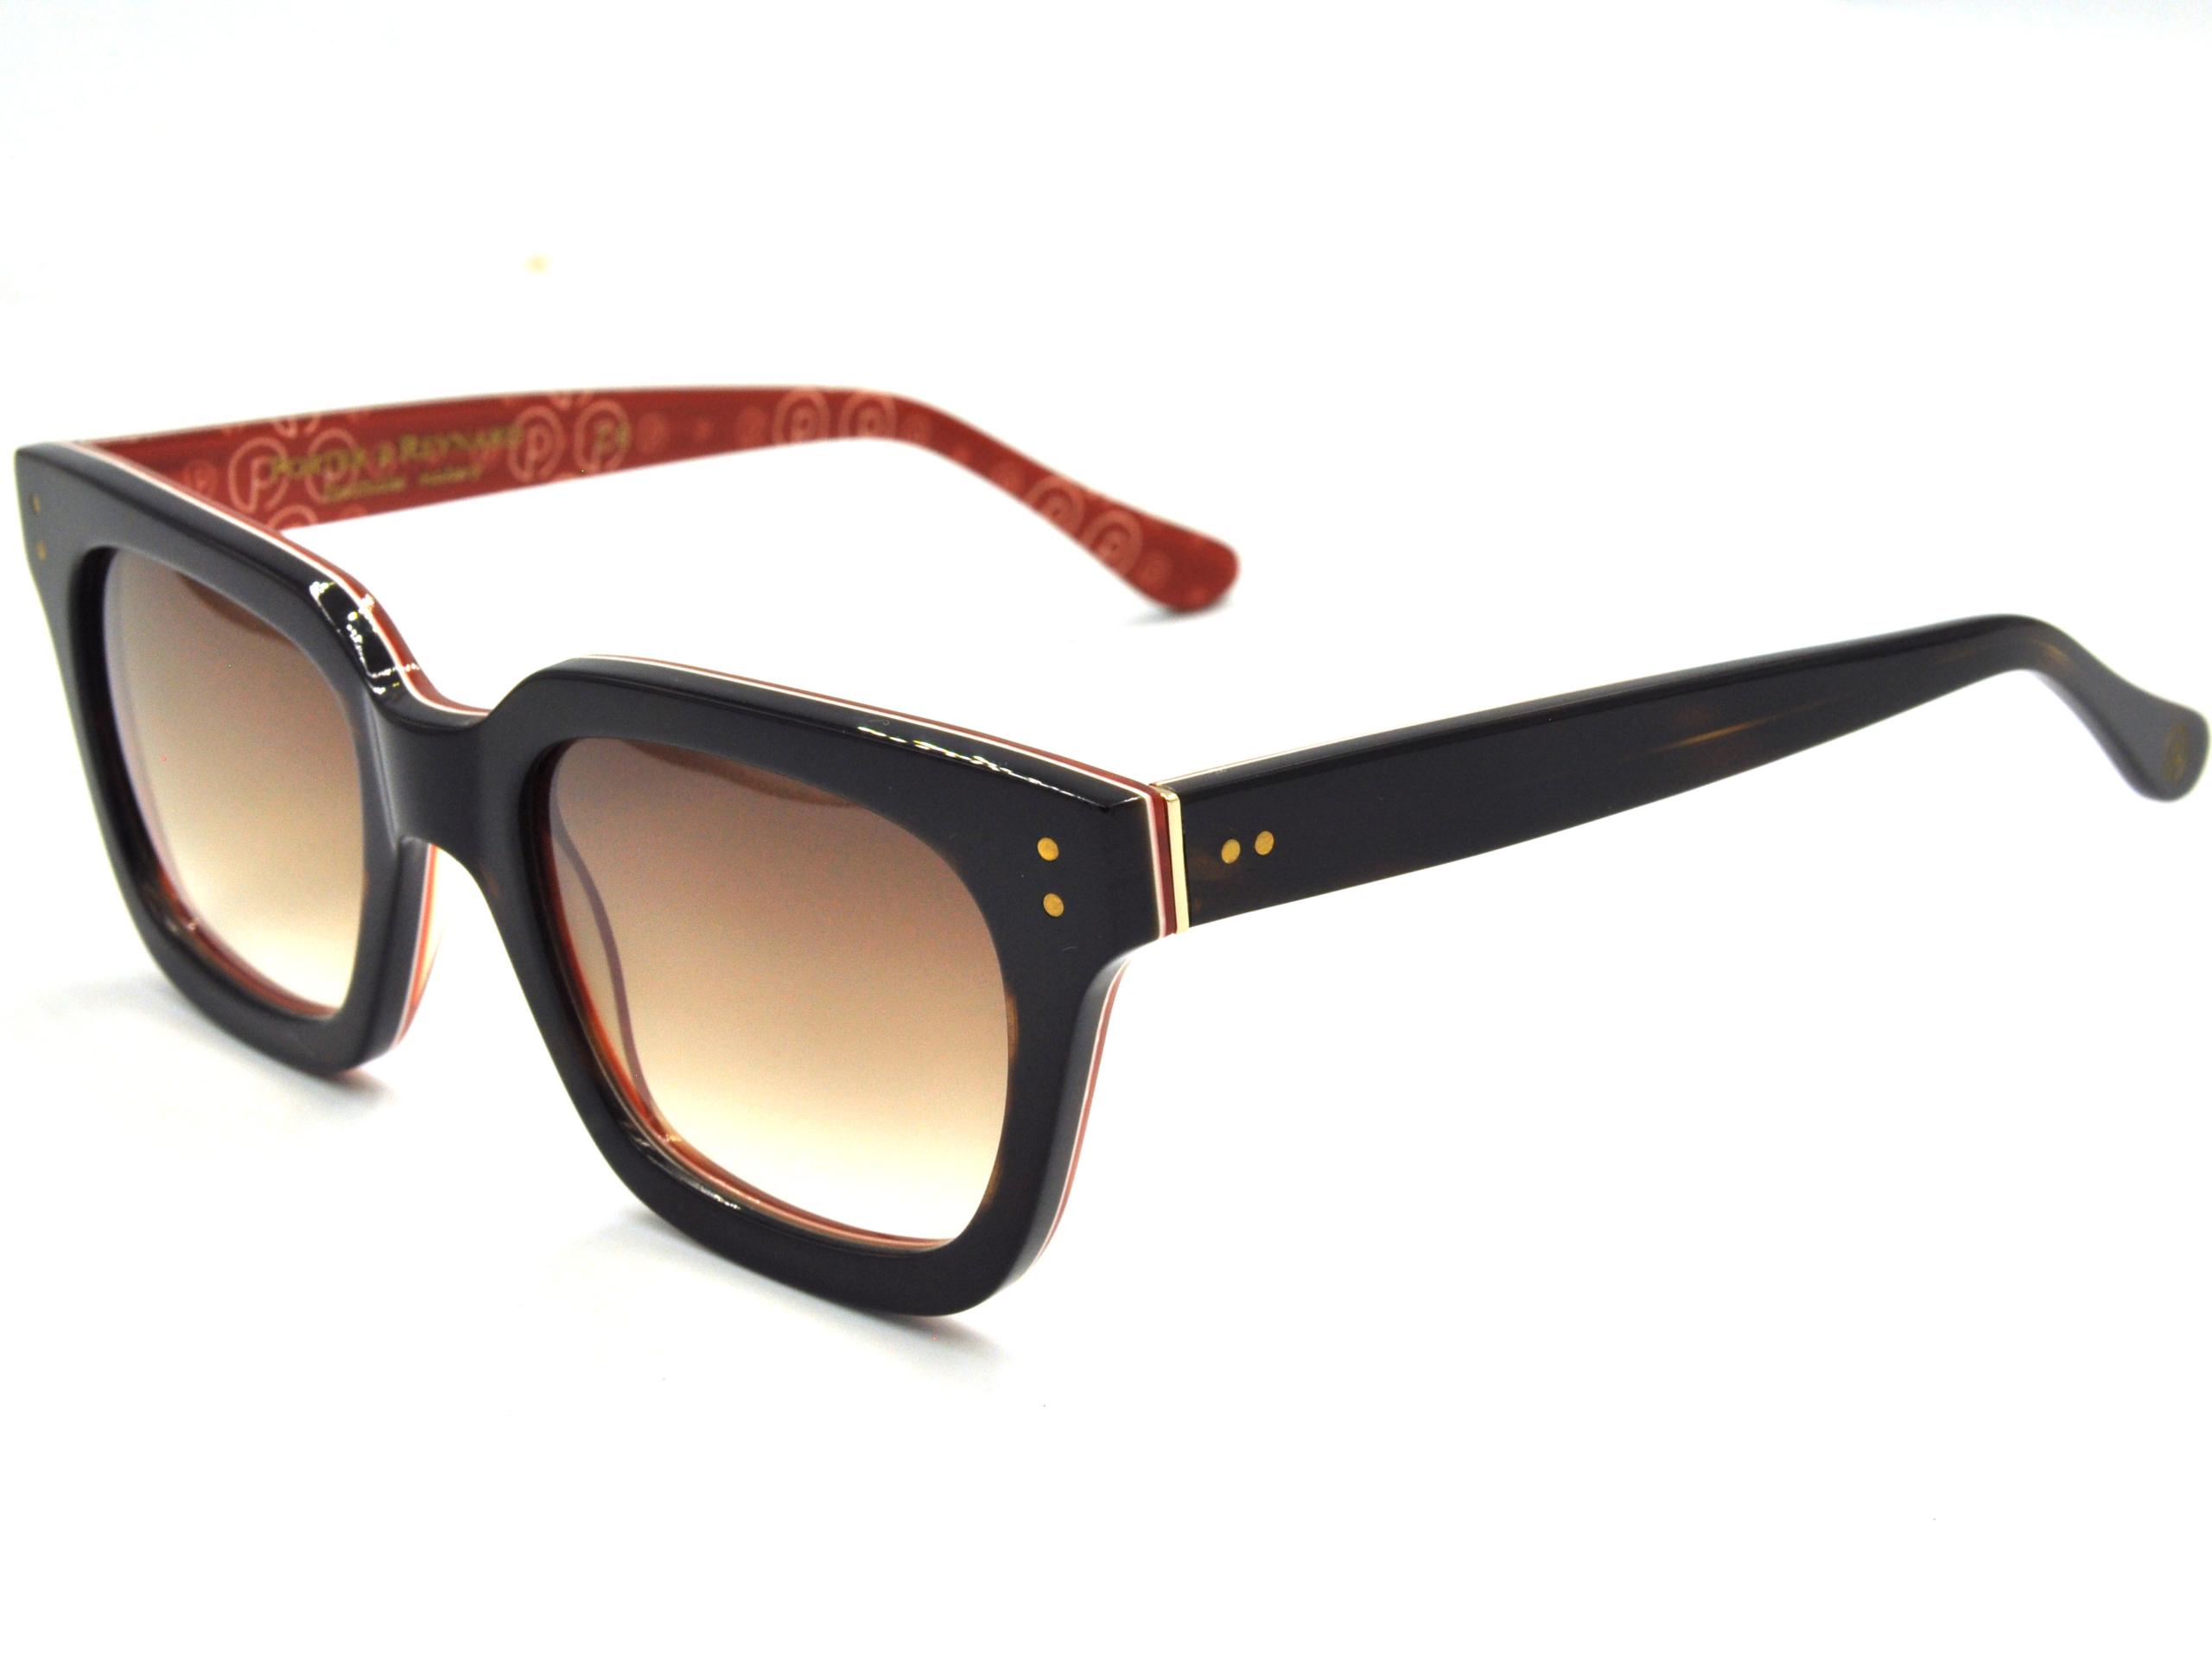 Γυαλιά ηλίου PORTER & REYNARD GINGER C2 Πειραιάς